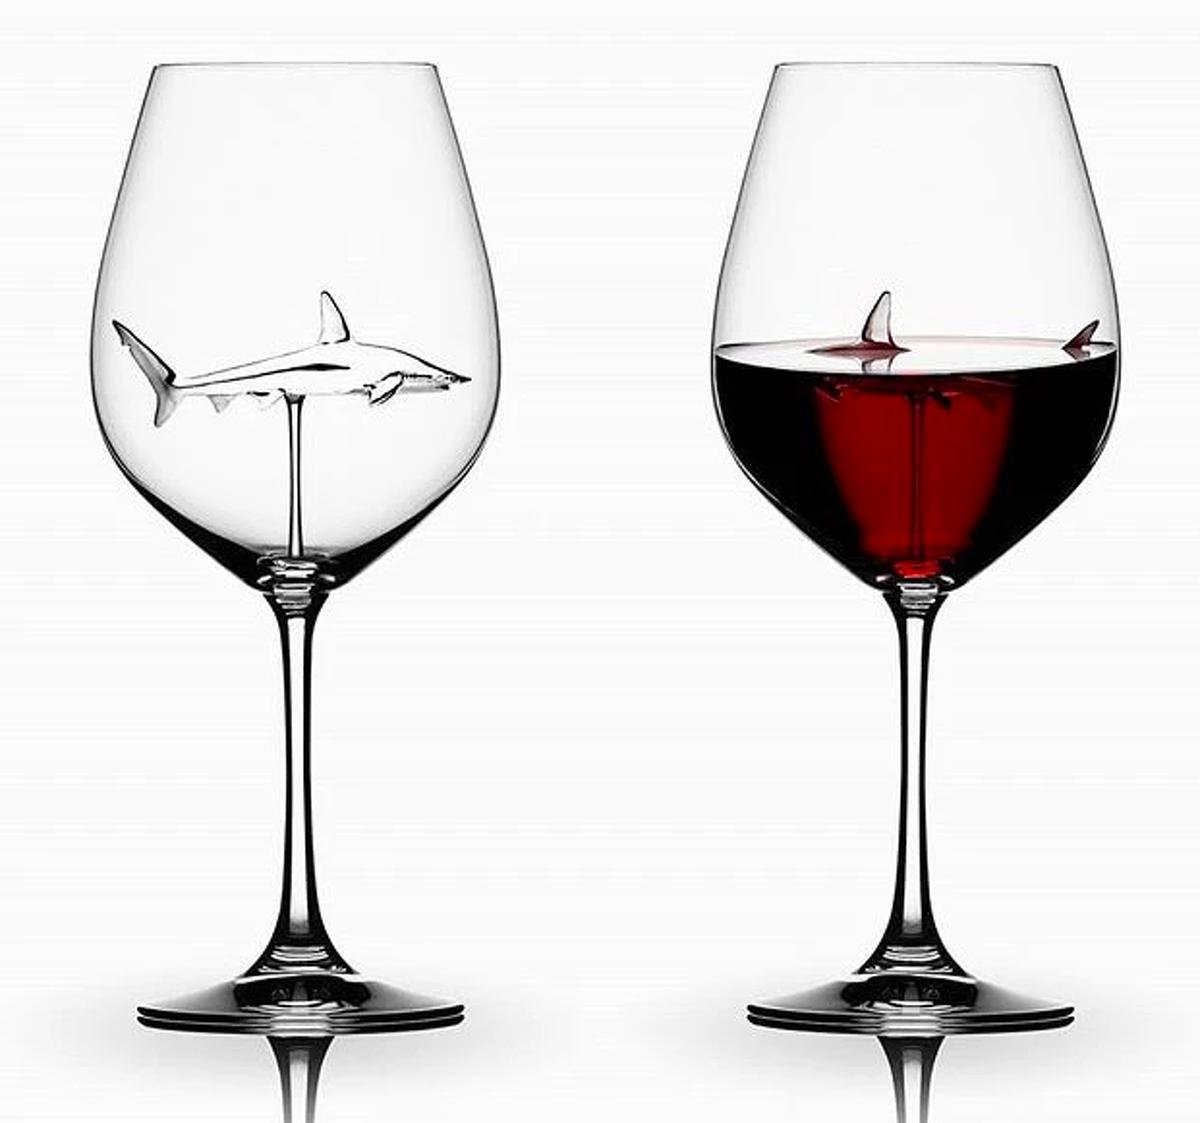 Copes de vi amb un tauró a dins